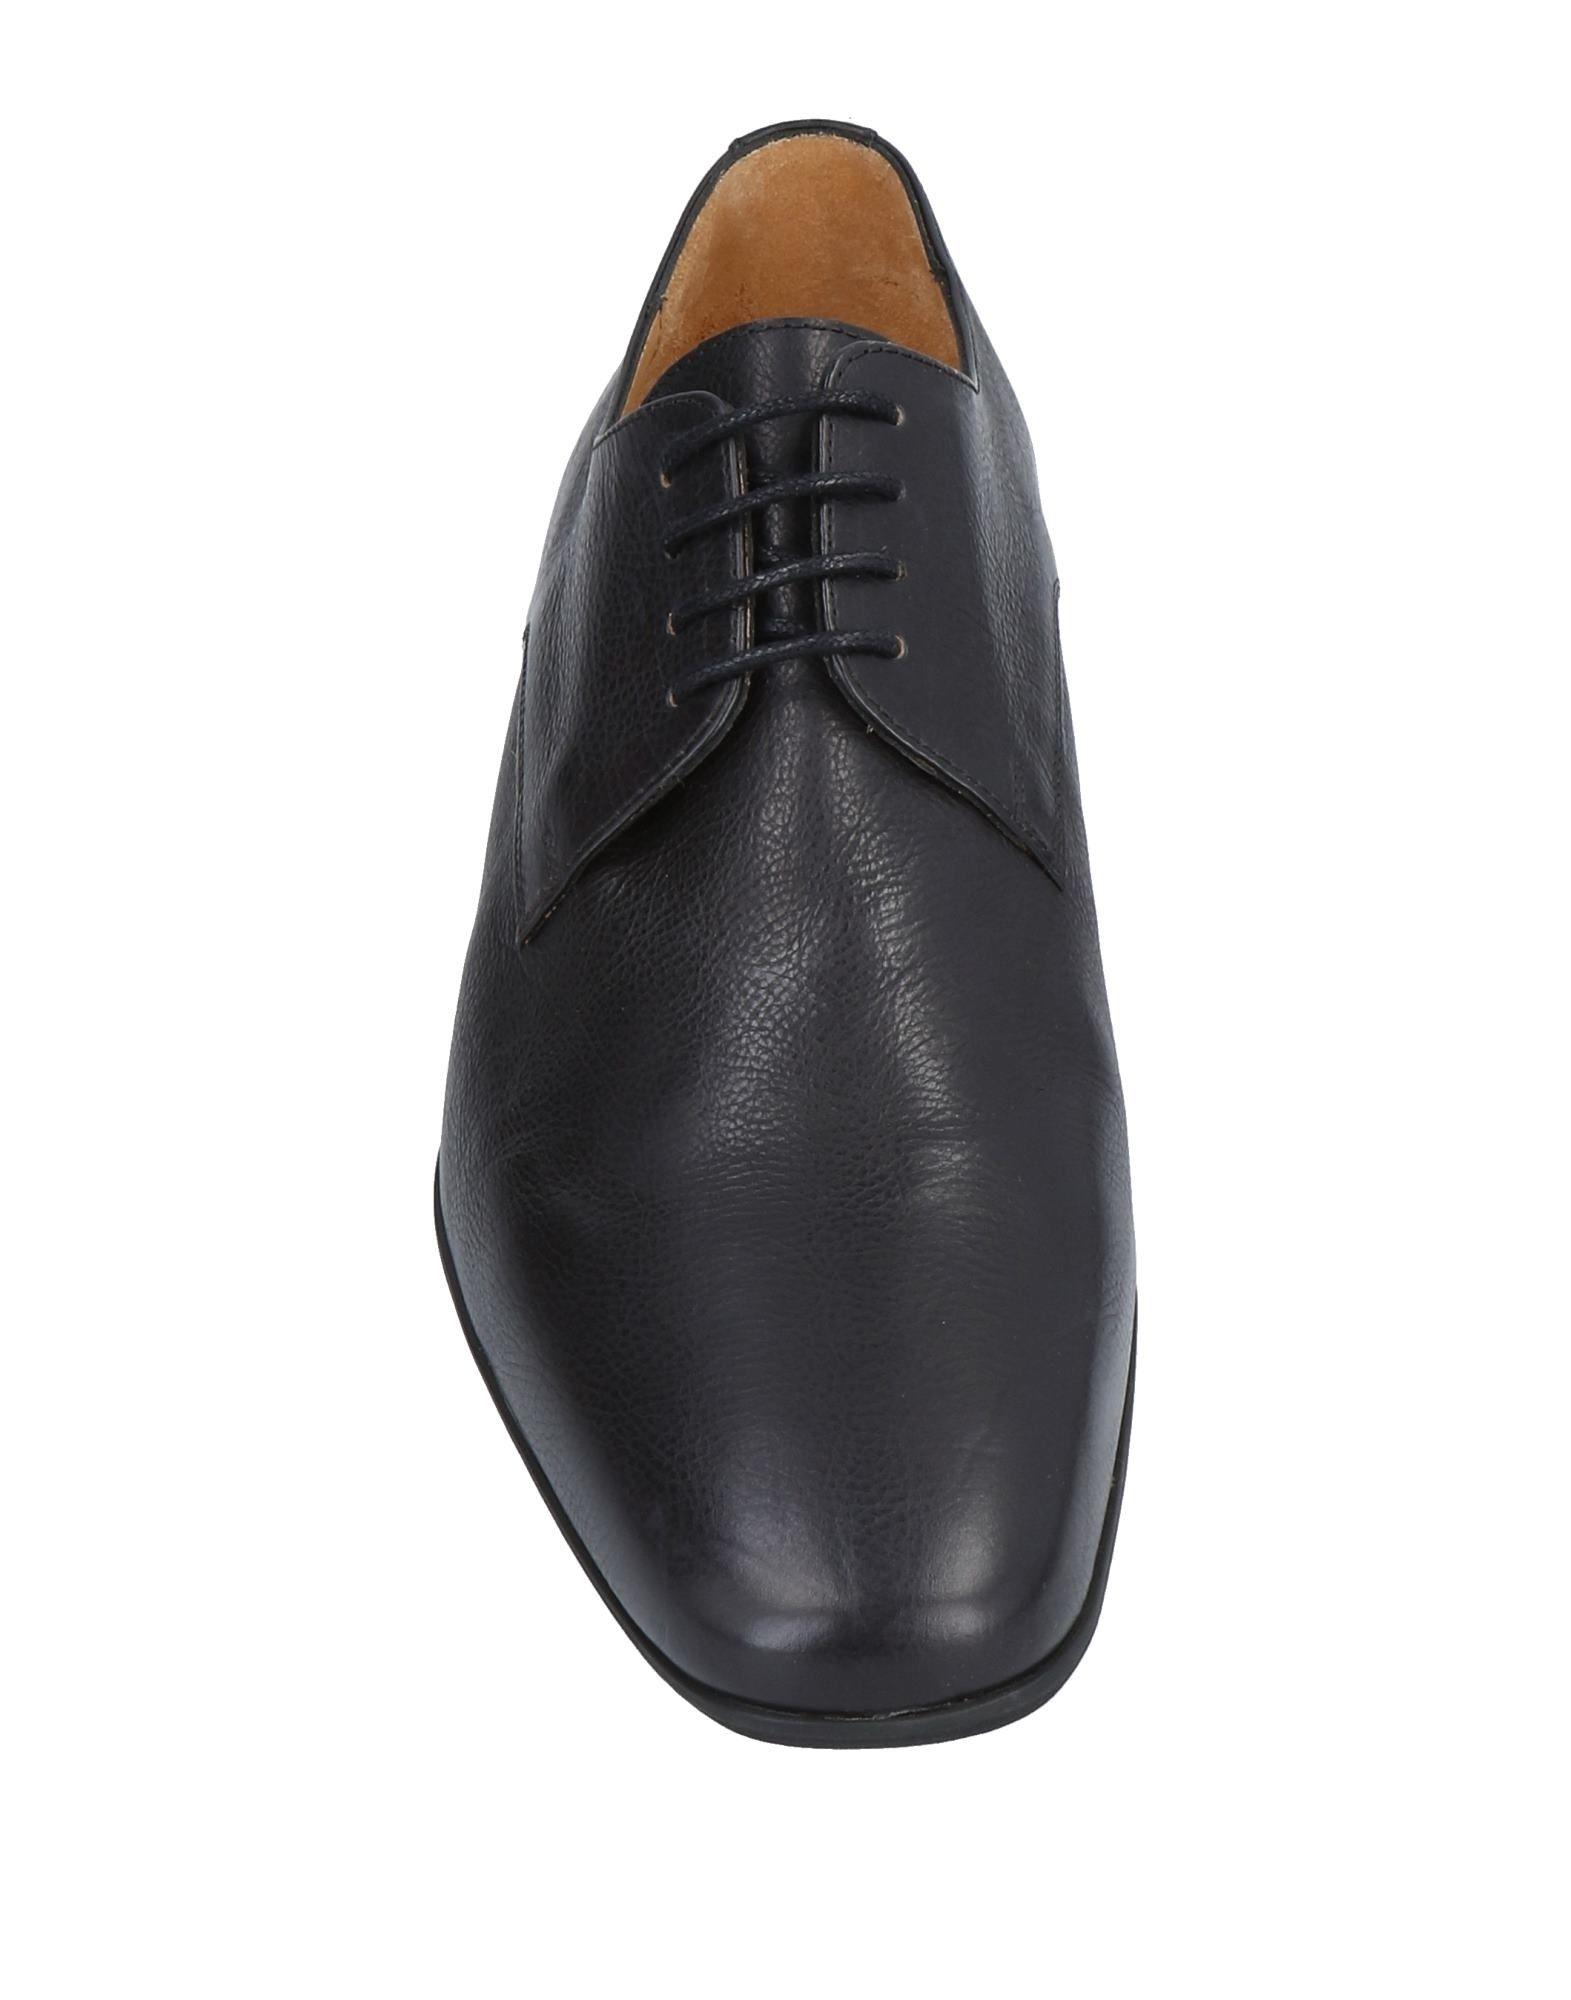 Chaussures À Lacets Jean Baptiste Rautureau Femme - Chaussures À Lacets Jean Baptiste Rautureau sur